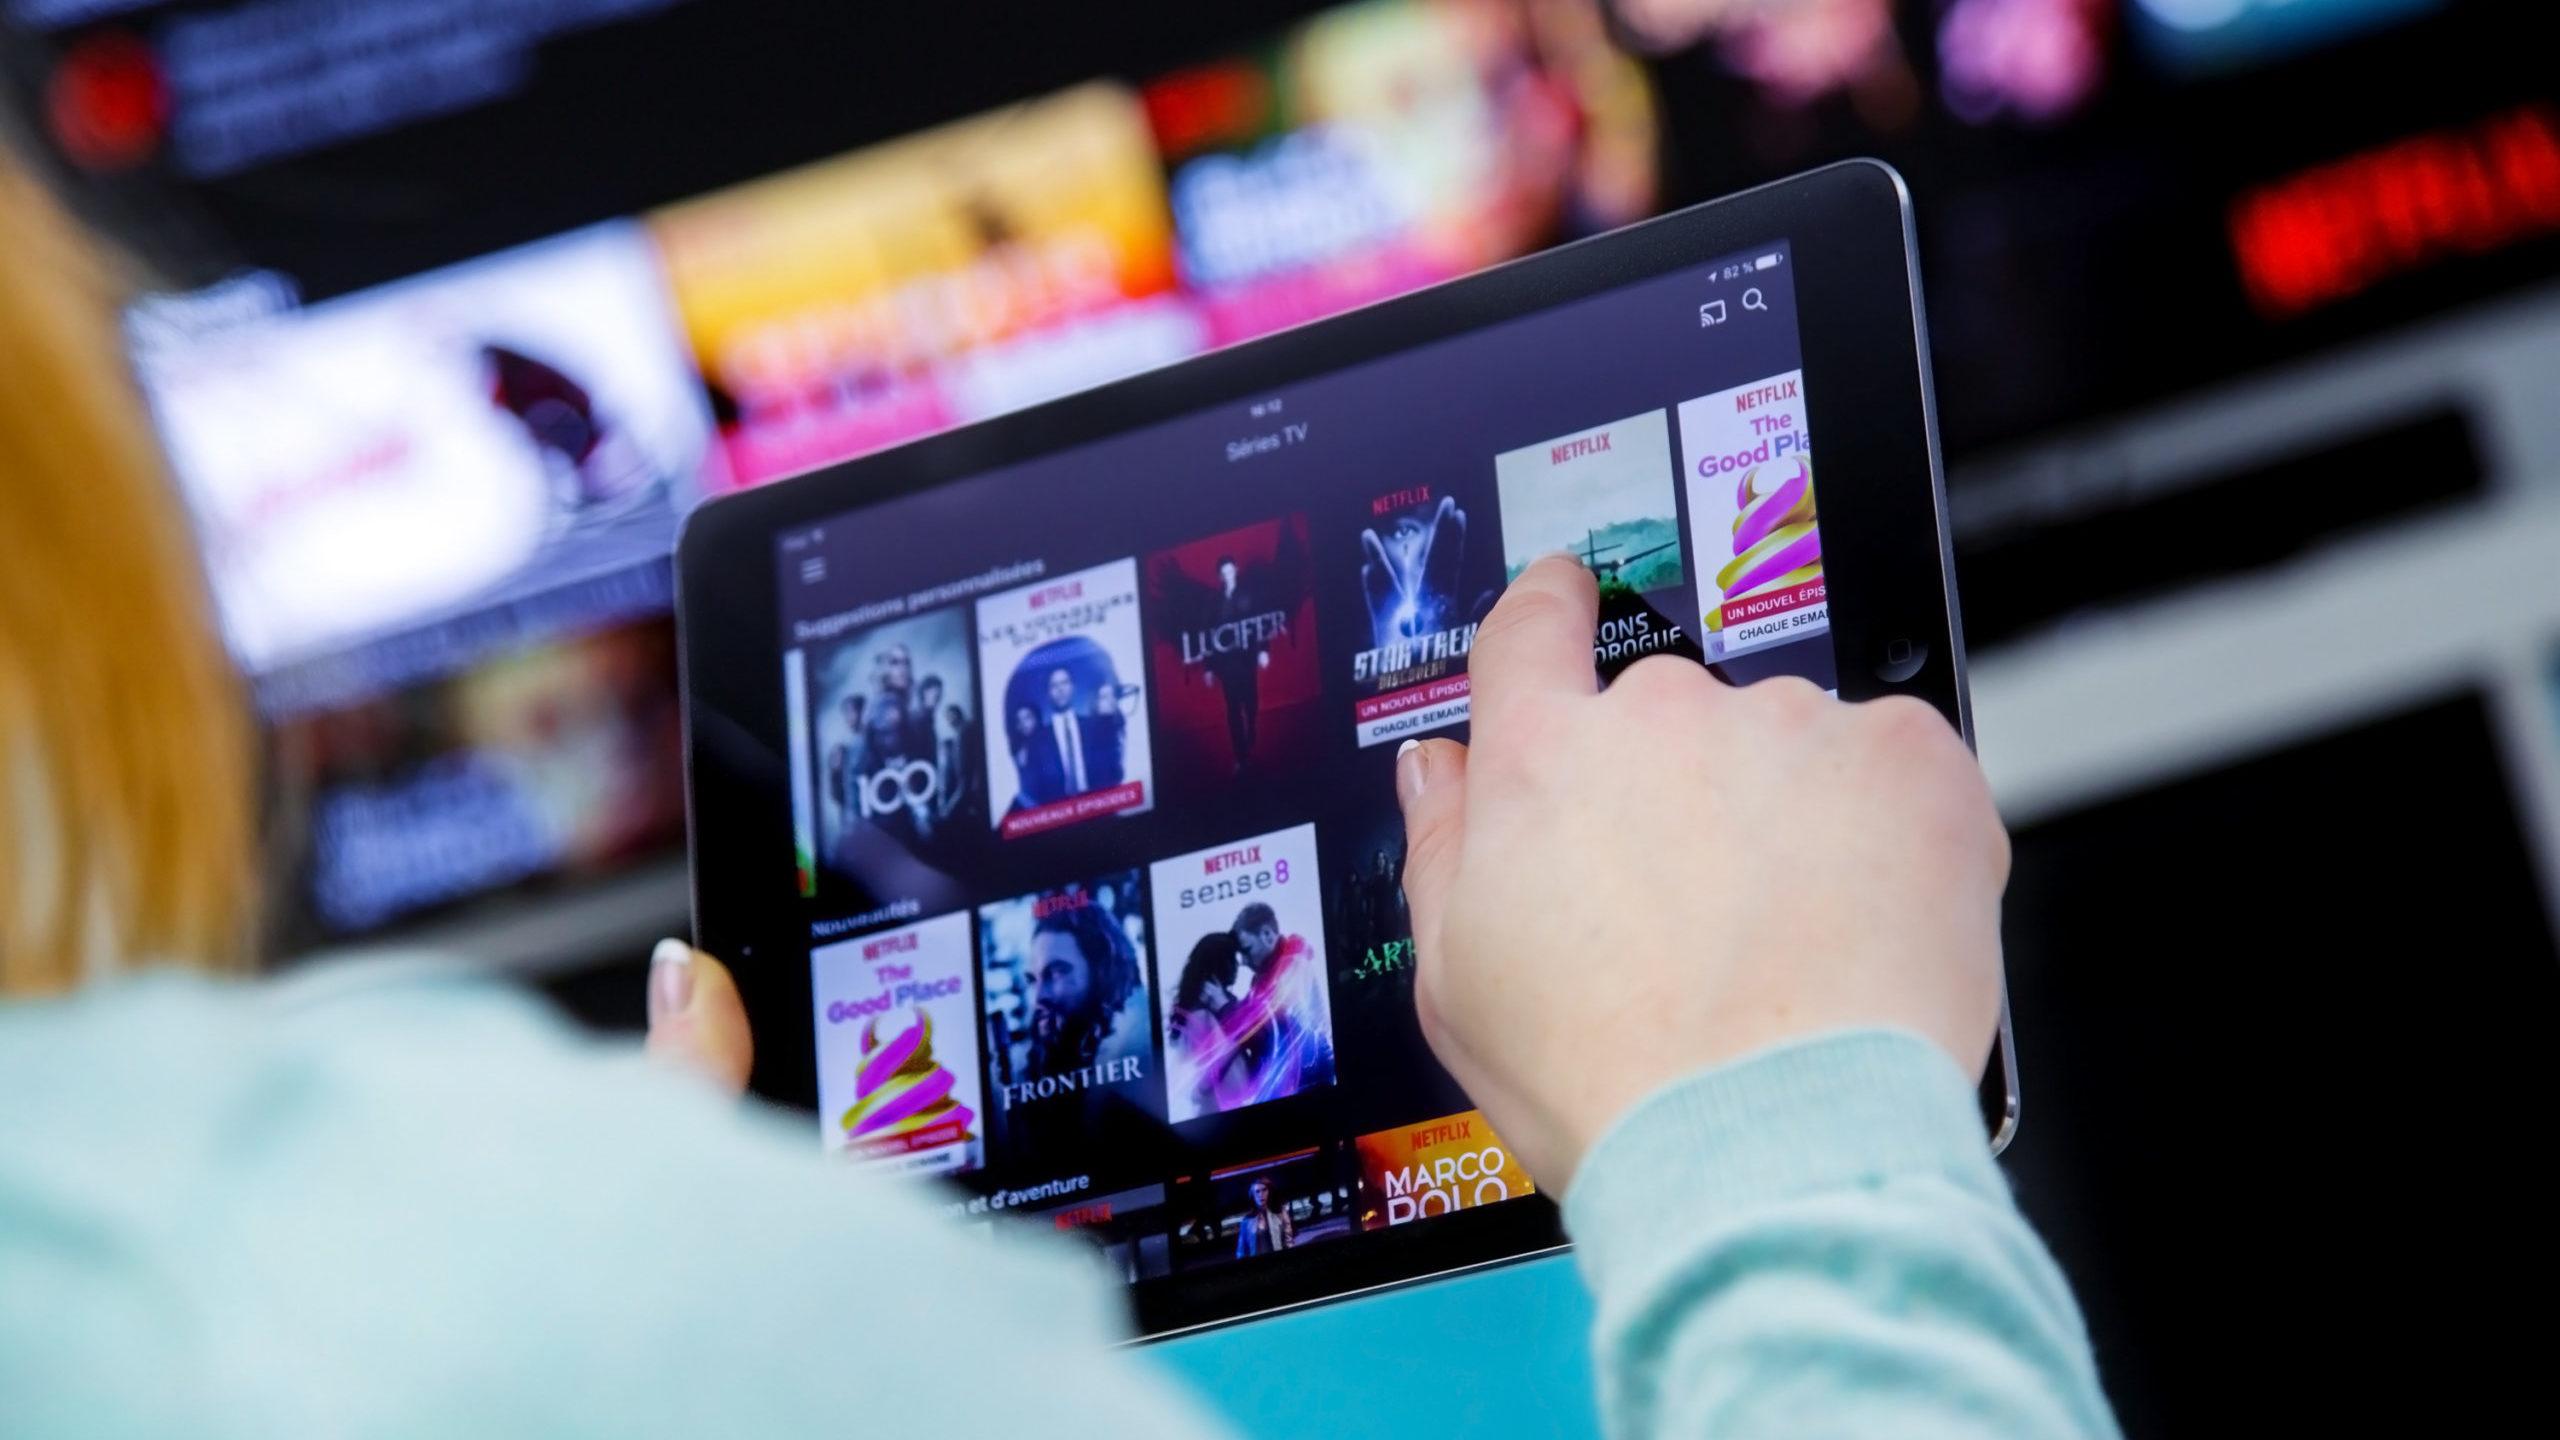 Netflix cambiará su sistema de medición de audiencias; promete transparencia